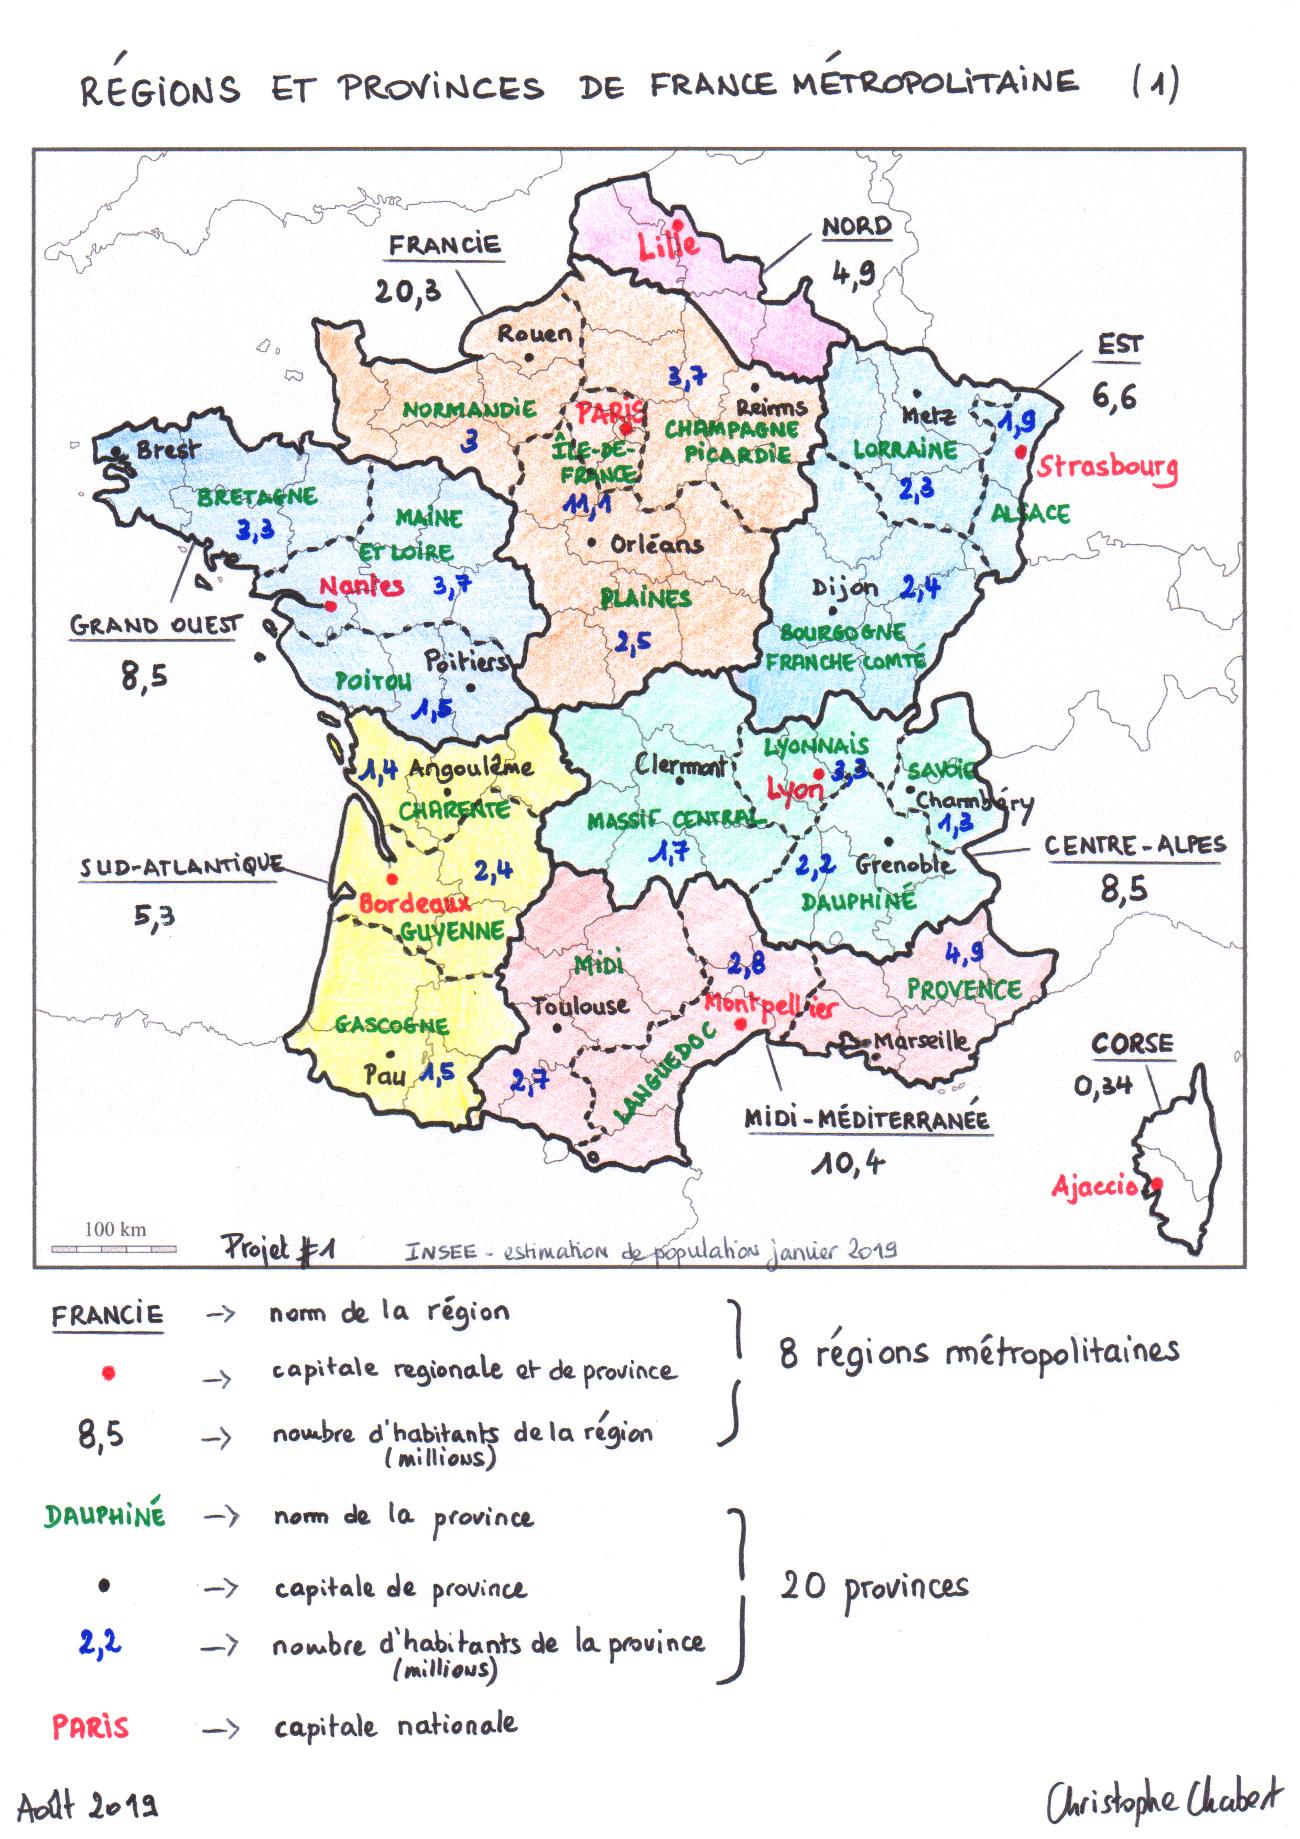 Un Découpage De La France En 13 Régions Et 20 Provinces encequiconcerne Les 13 Régions